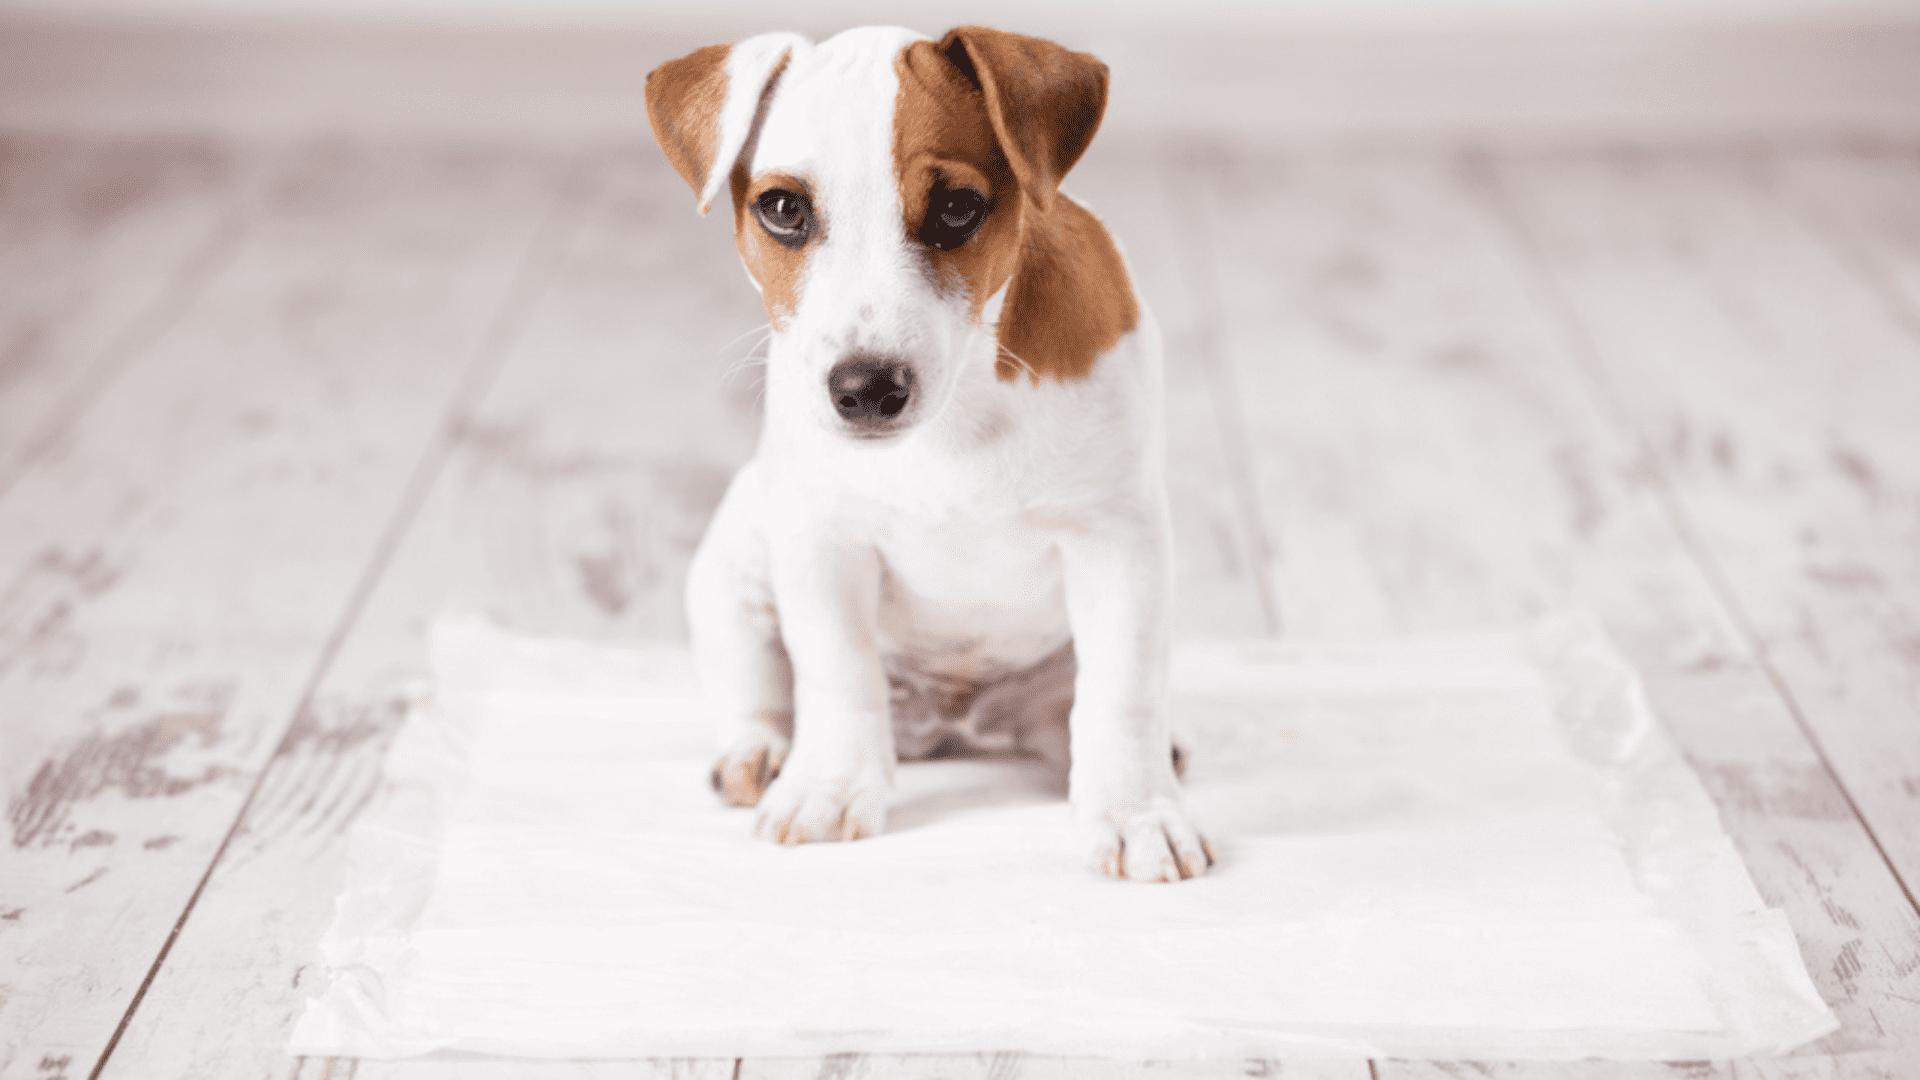 O tapete higiênico é mais prático e sustentável, mas o preço também é um pouco mais alto (Reprodução/Shutterstock)